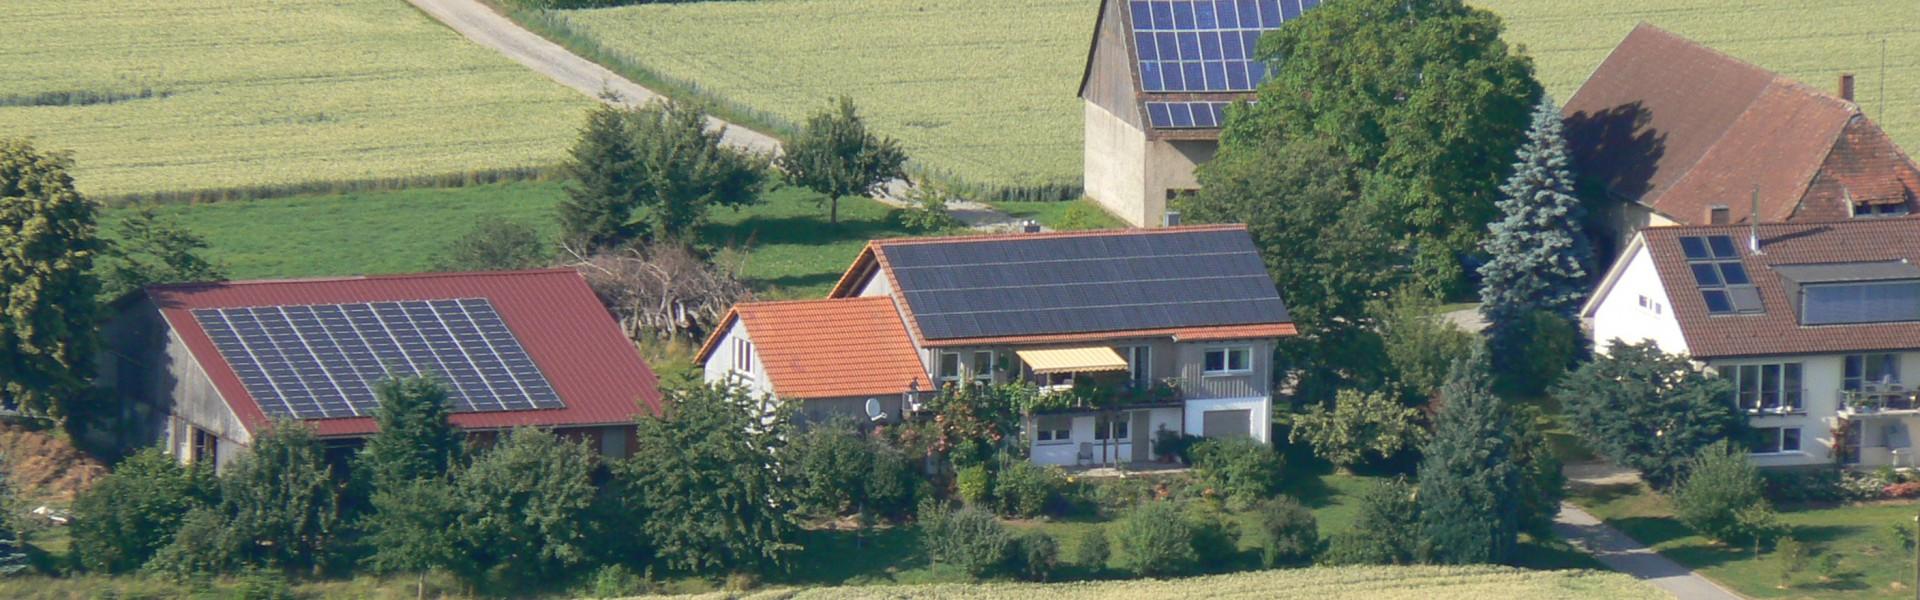 Landbauernhof Hohreute